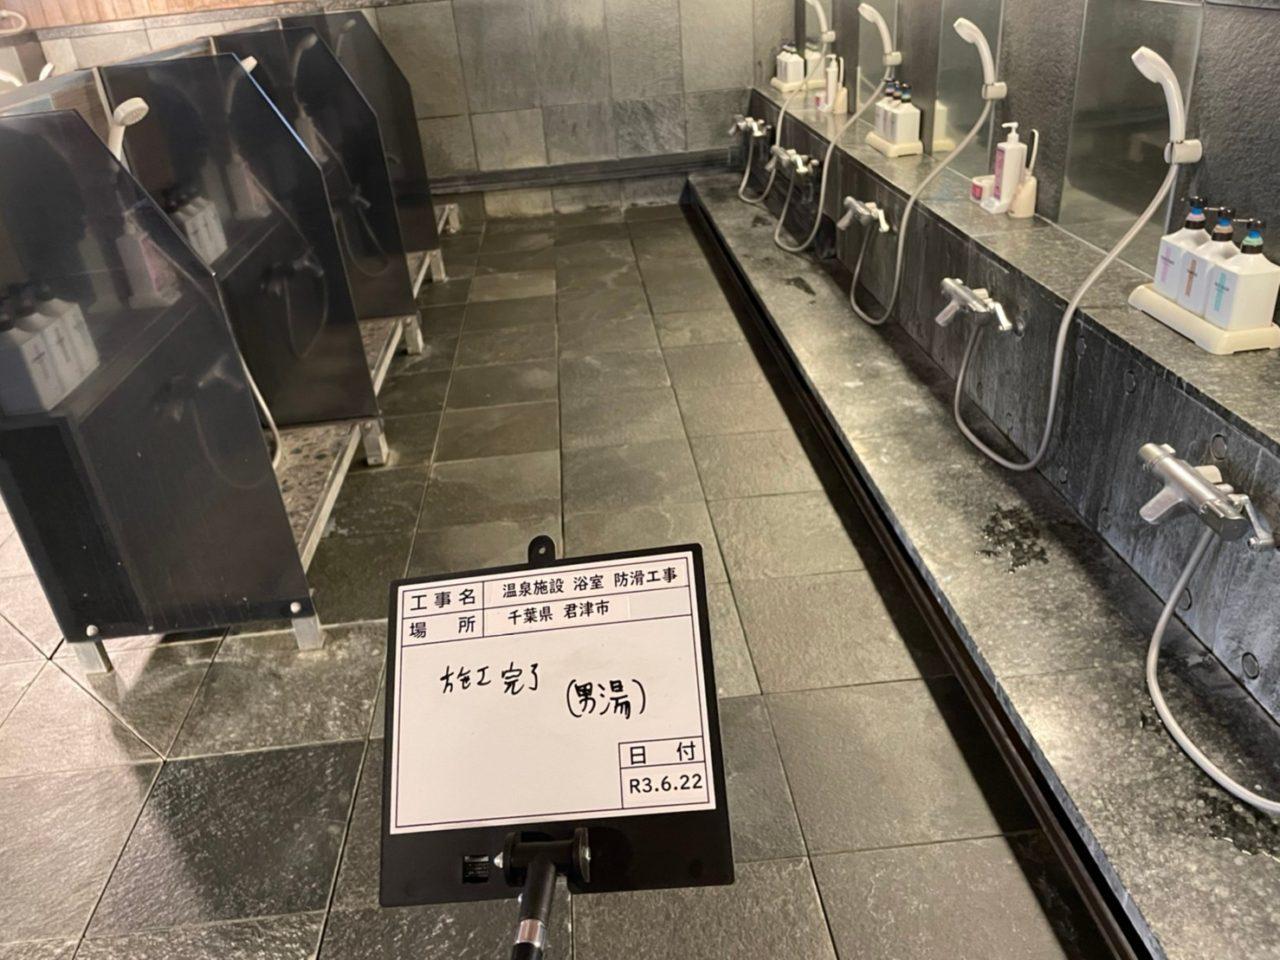 温泉施設 浴室 防滑工事